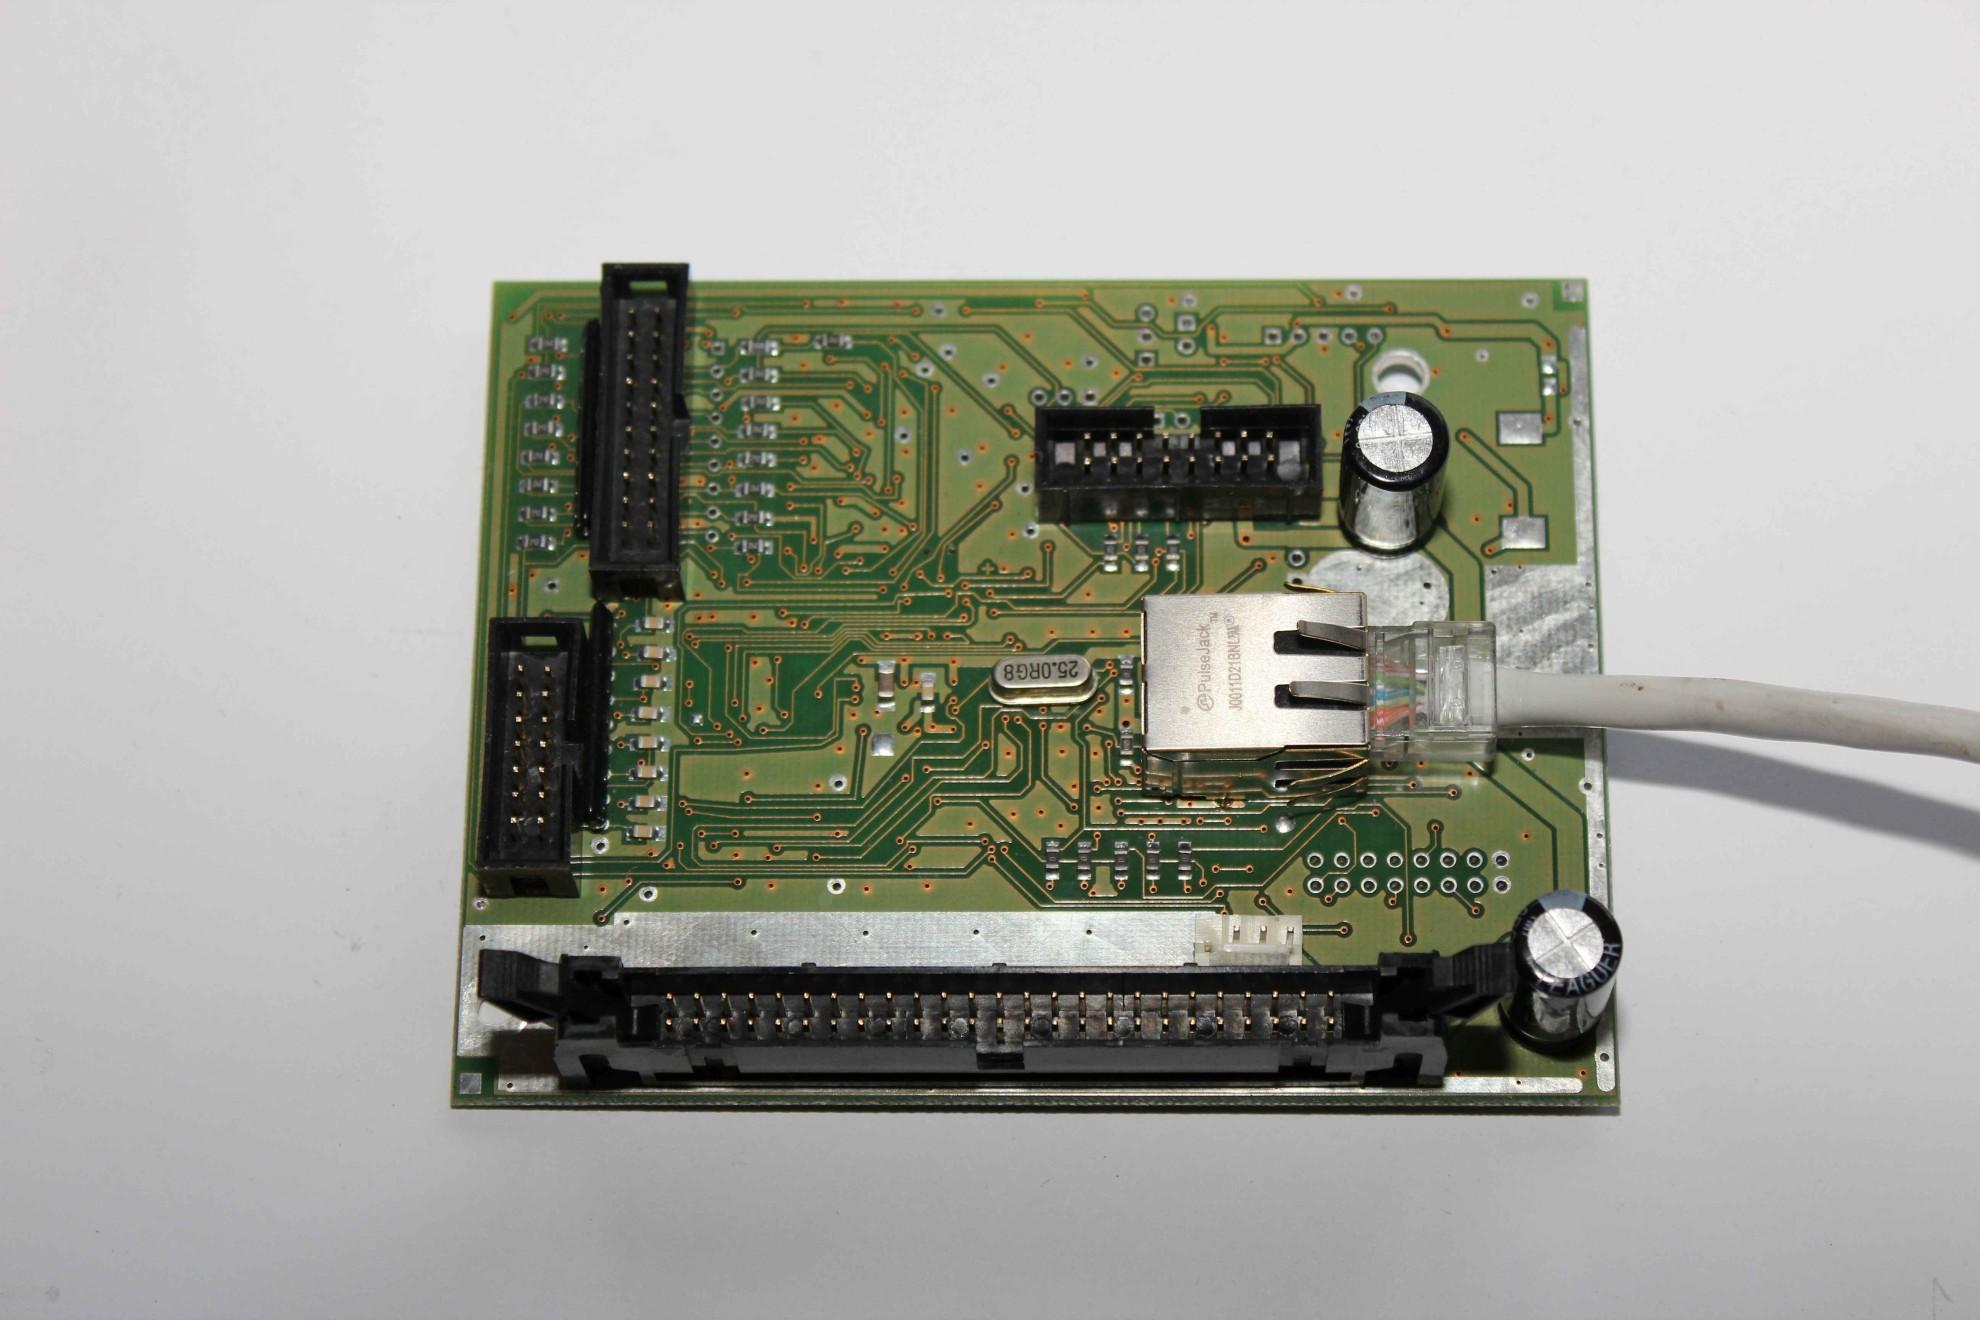 inteligentny budynek eHouse podłączenie Ethernetu do EthernetRoomManagera